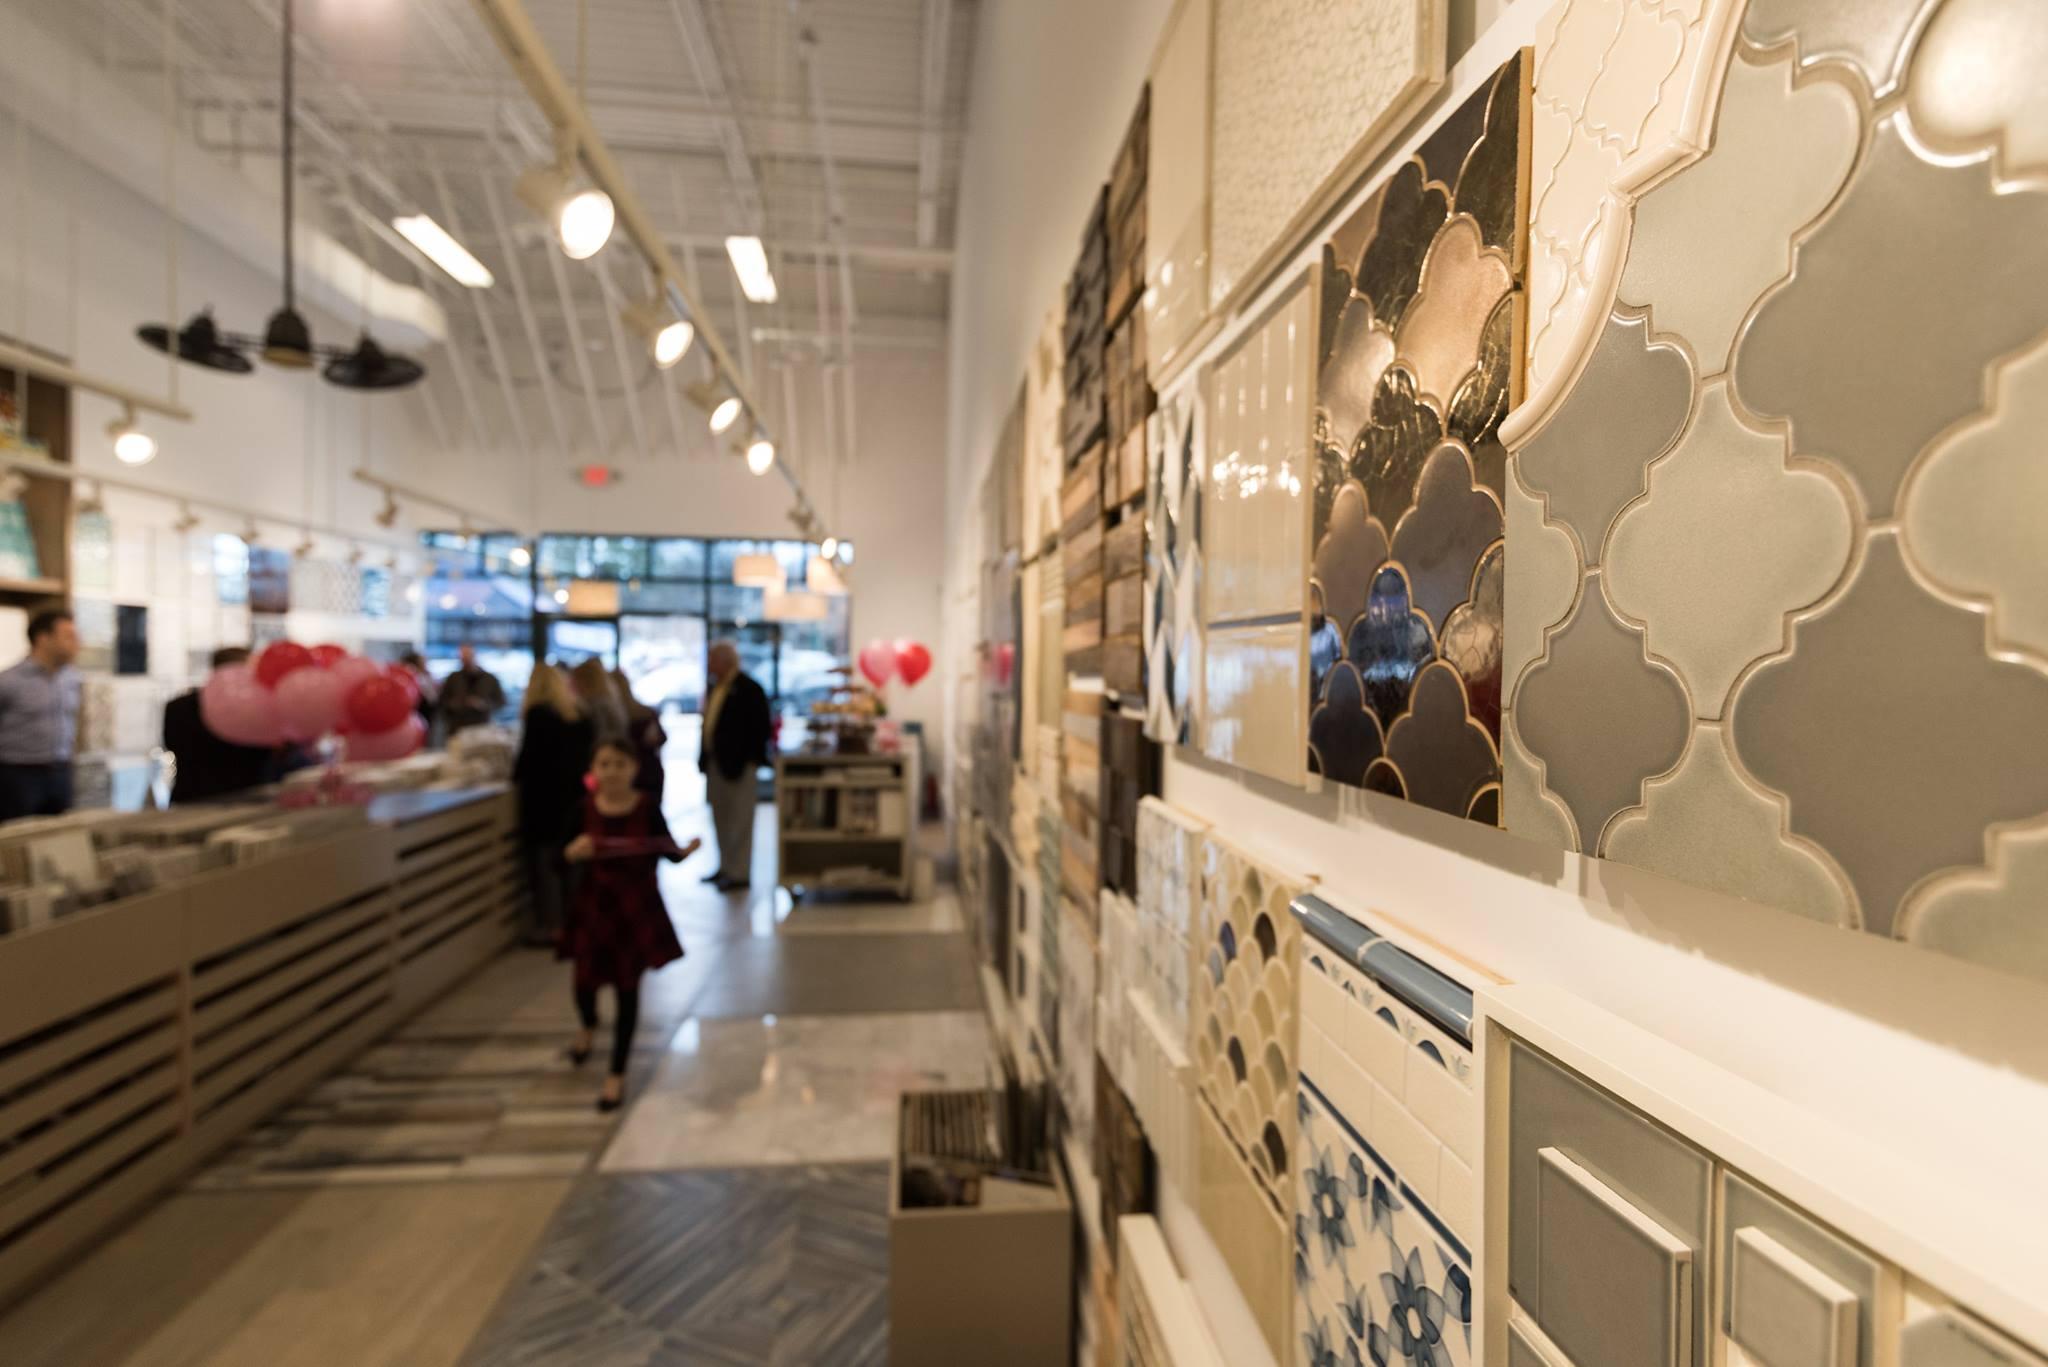 Architectural ceramics opens in vienna vienna va patch for Architectural ceramics baltimore